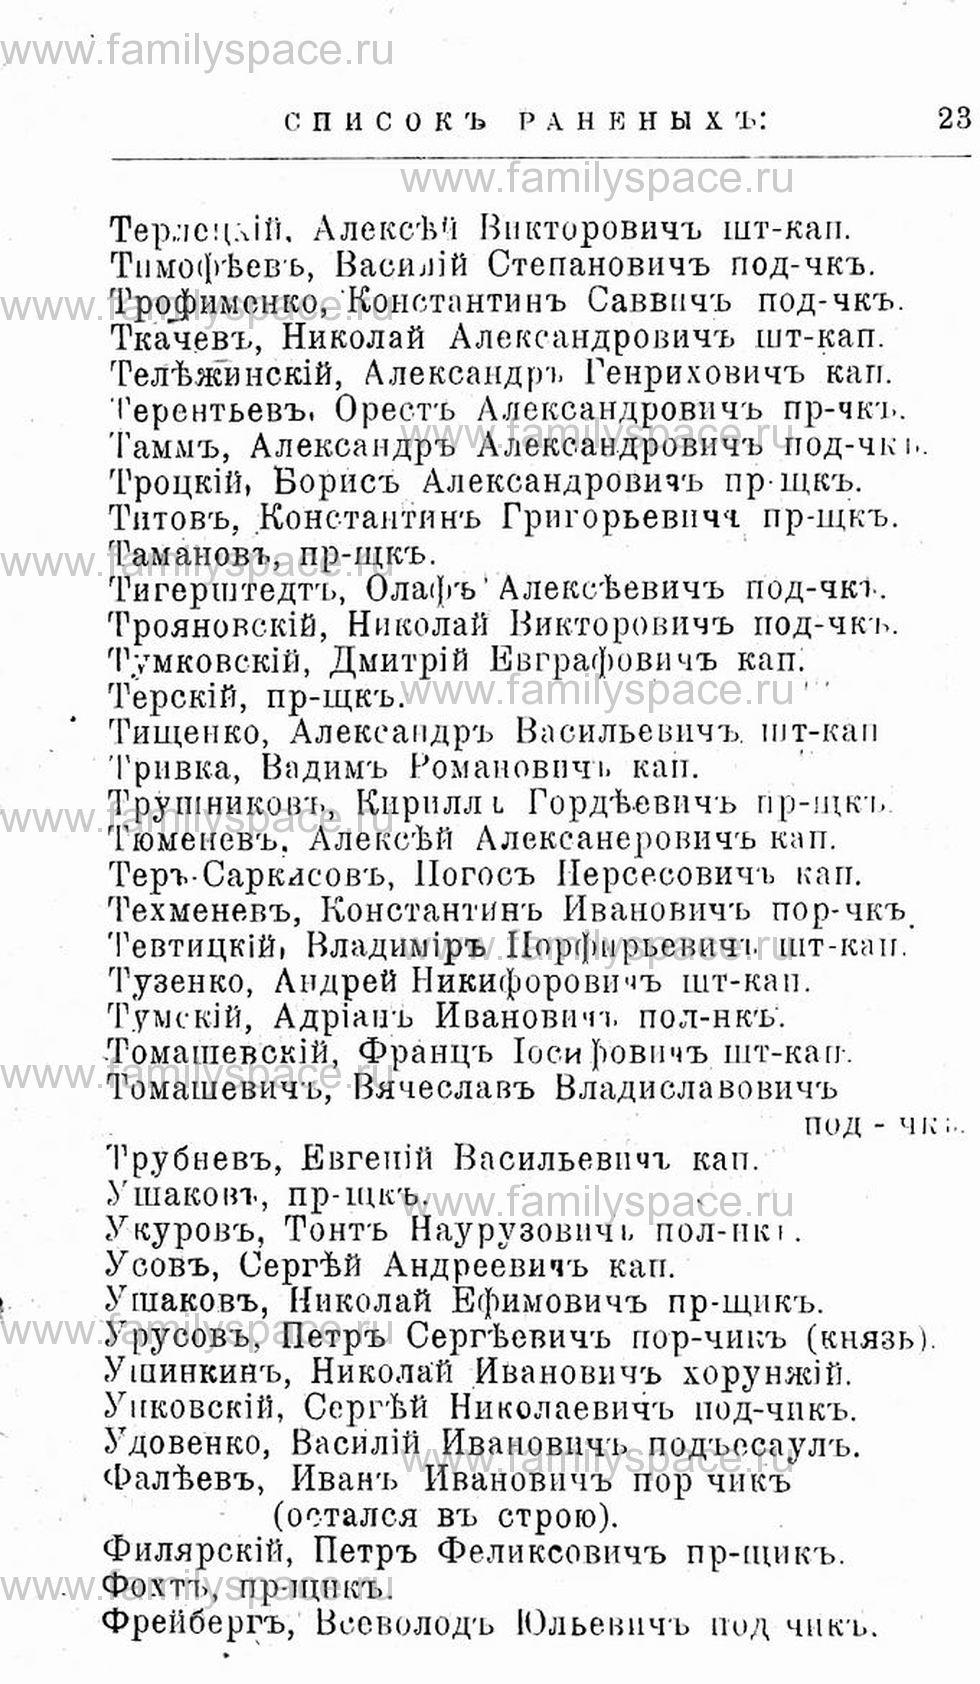 Поиск по фамилии - Первая мировая война - 1914 (списки убитых и раненых), страница 23